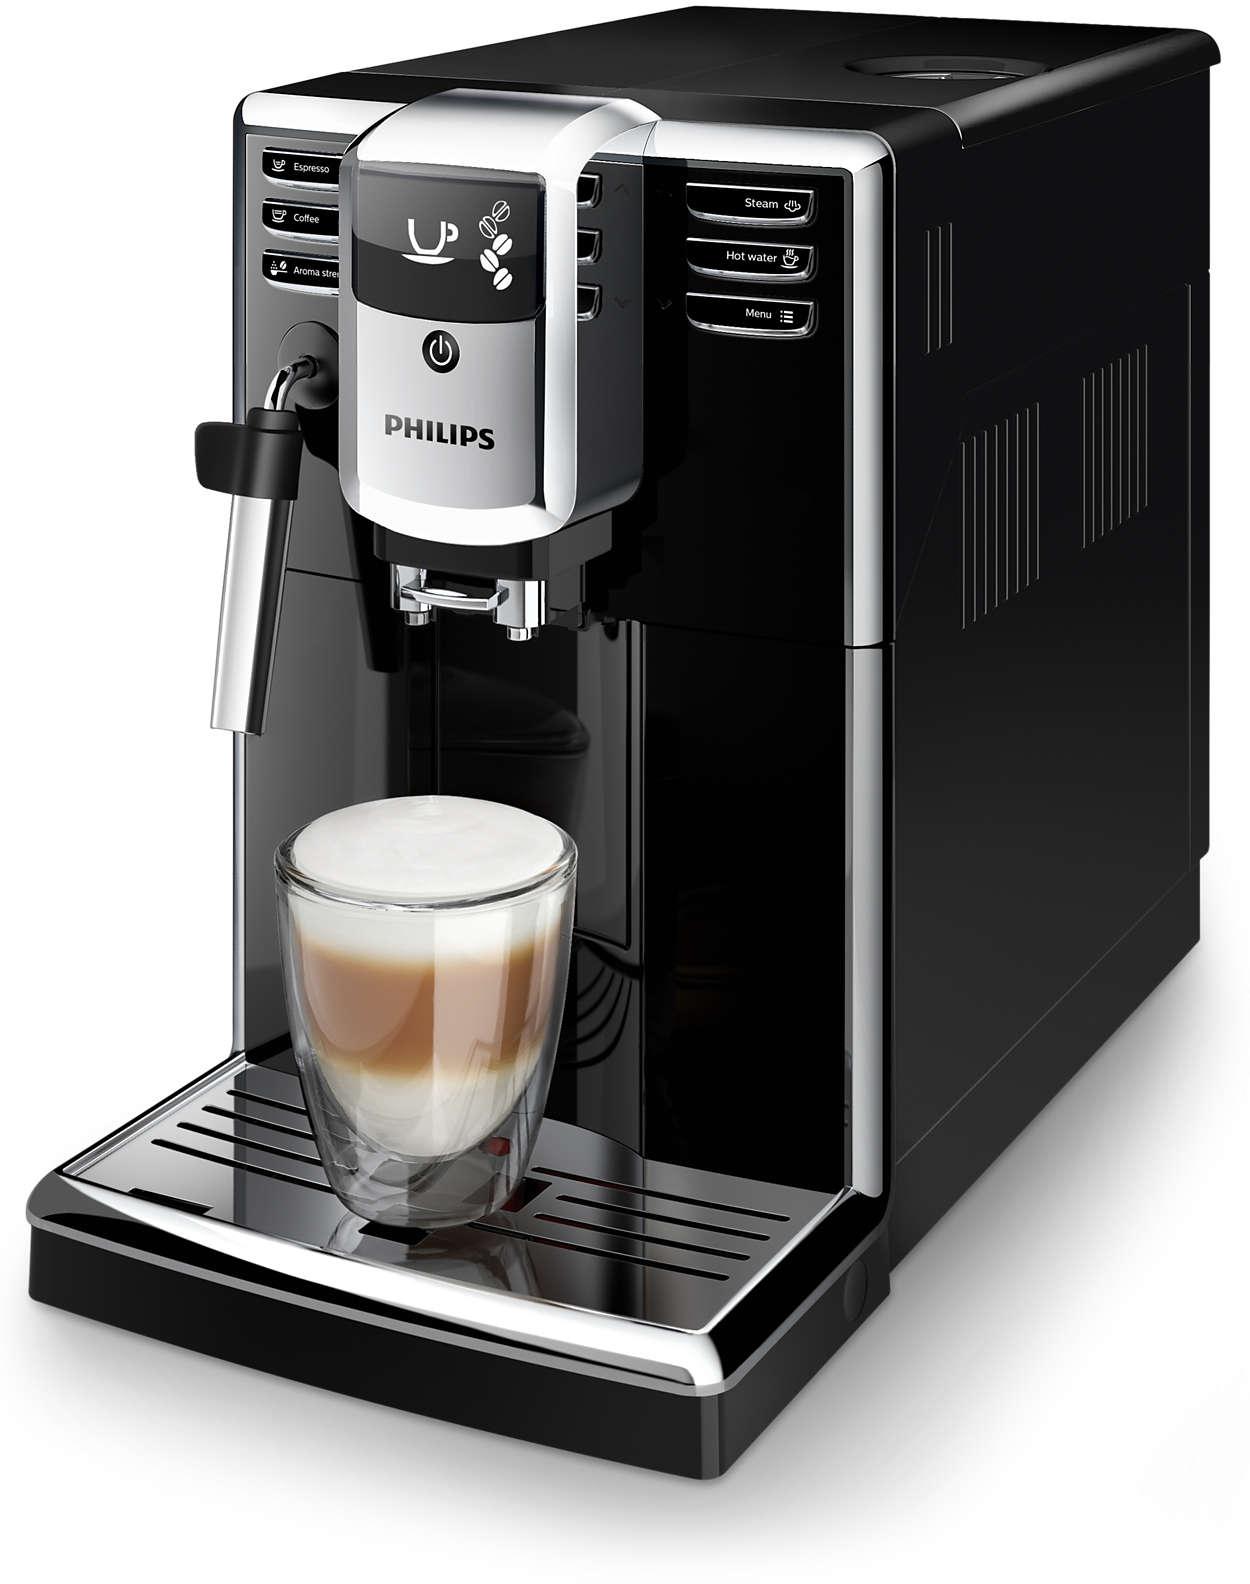 3 wyśmienite kawy ze świeżo zmielonych ziaren w prosty sposób